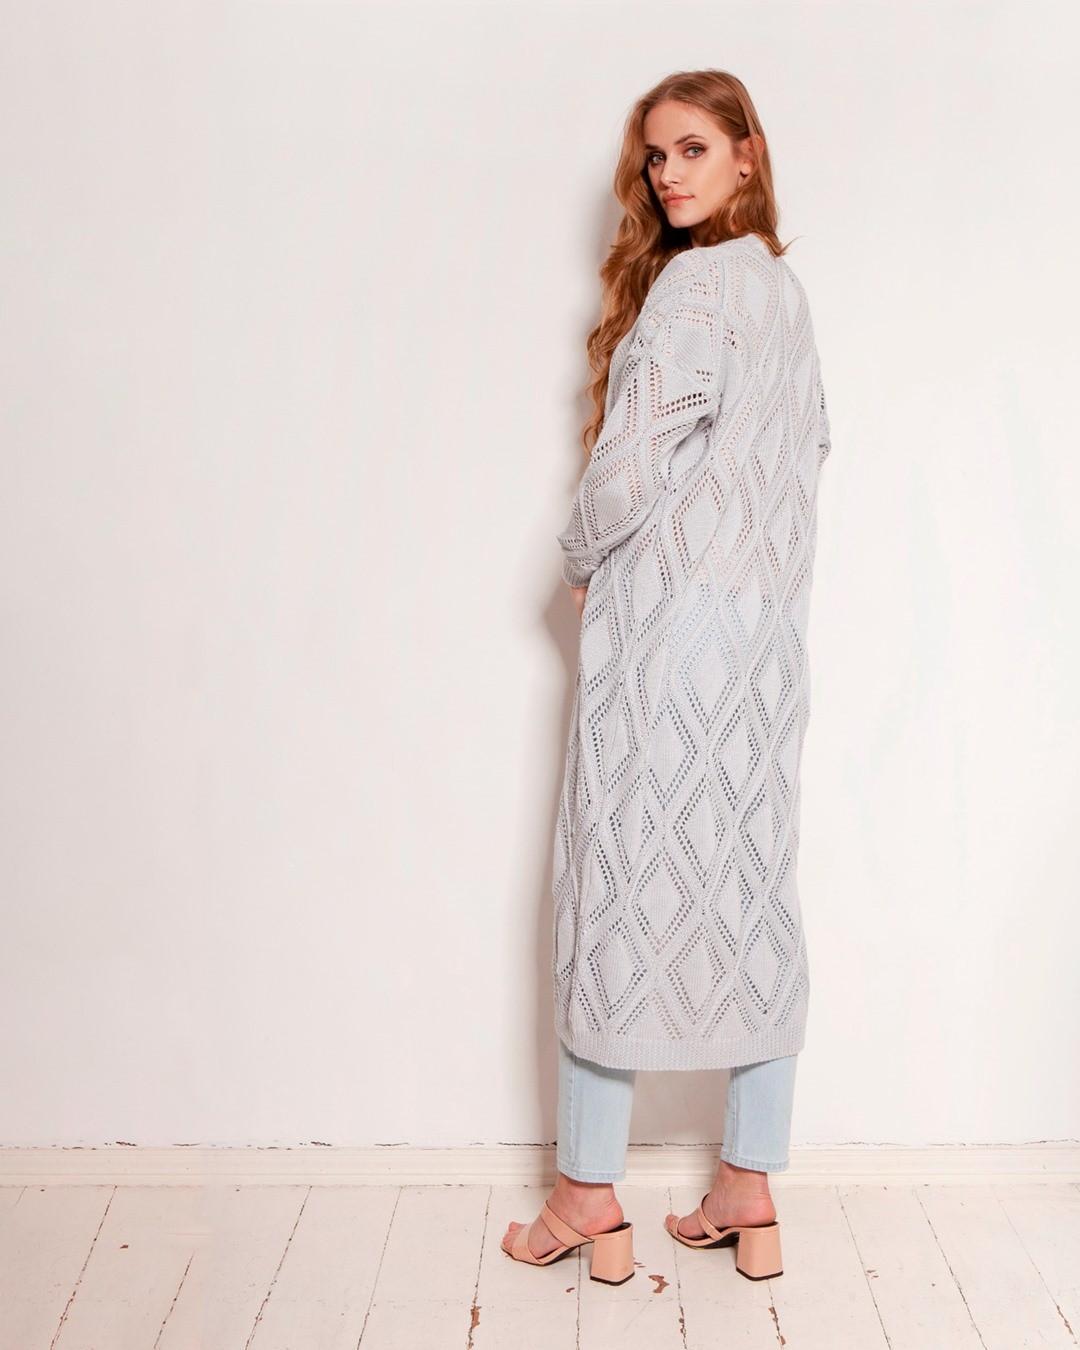 Doskonały, długi swetrowy płaszcz w ażurowe wzory. Lekki, wykonany z wysokiej jakości, bawełnianej przędzy. Doskonały do wiosennych i letnich stylizacji, którym dodaje głębi i wyrazistości. #sweter #płaszcz #ażury #kardigan #moda #fashion #polishgirl #swetrowypłaszcz #polskadziewczyna #polskamarka #ażurowypłaszcz #fashionblogger #zakupy #ażurowysweter #art #coat #polska #lookoftheday #pattern #skleponline #ootd #nowakolekcja #knit #stylizacja #poslamoda #polskamarka #bawełna #cottonsweater #odetchnij #przewiewnie  2067